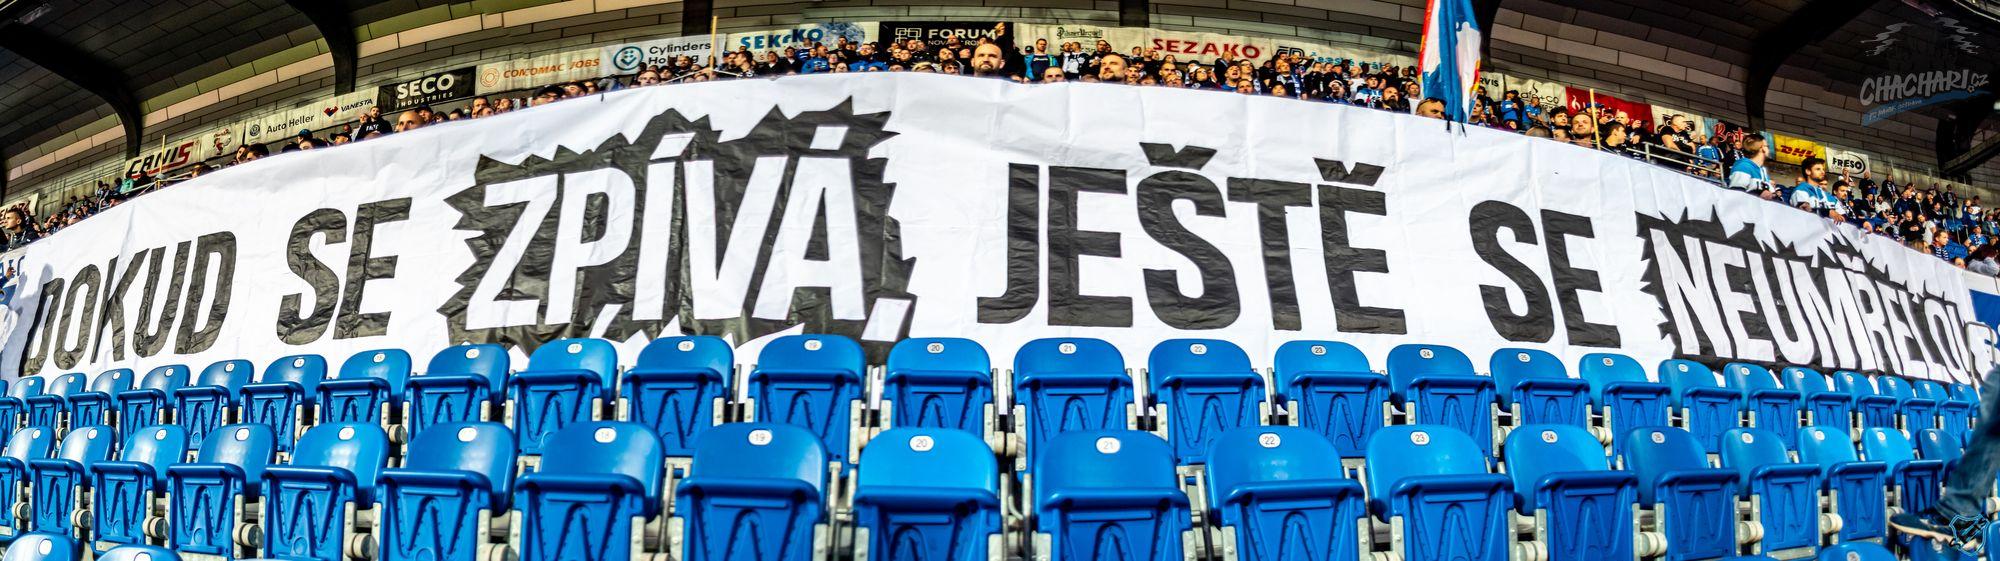 FCB_Slavia_20-21_1.jpg (271 KB)